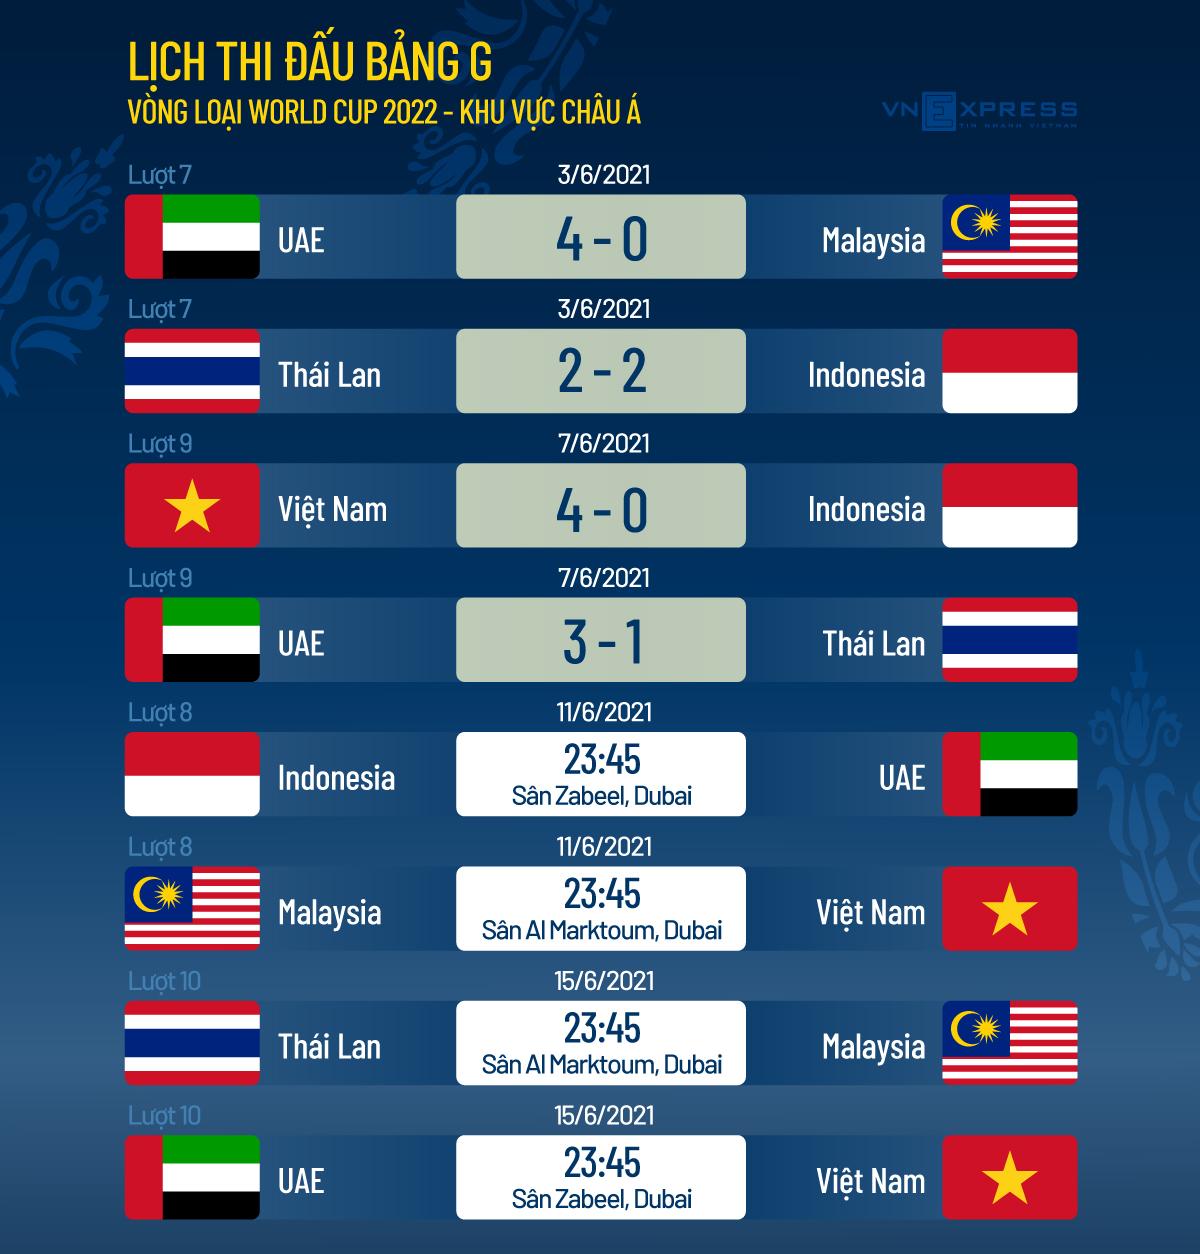 โค้ชเหงียนเวียดทัง: 'ผู้เล่นชาวอินโดนีเซียเล่นอย่างขมขื่น' - 2